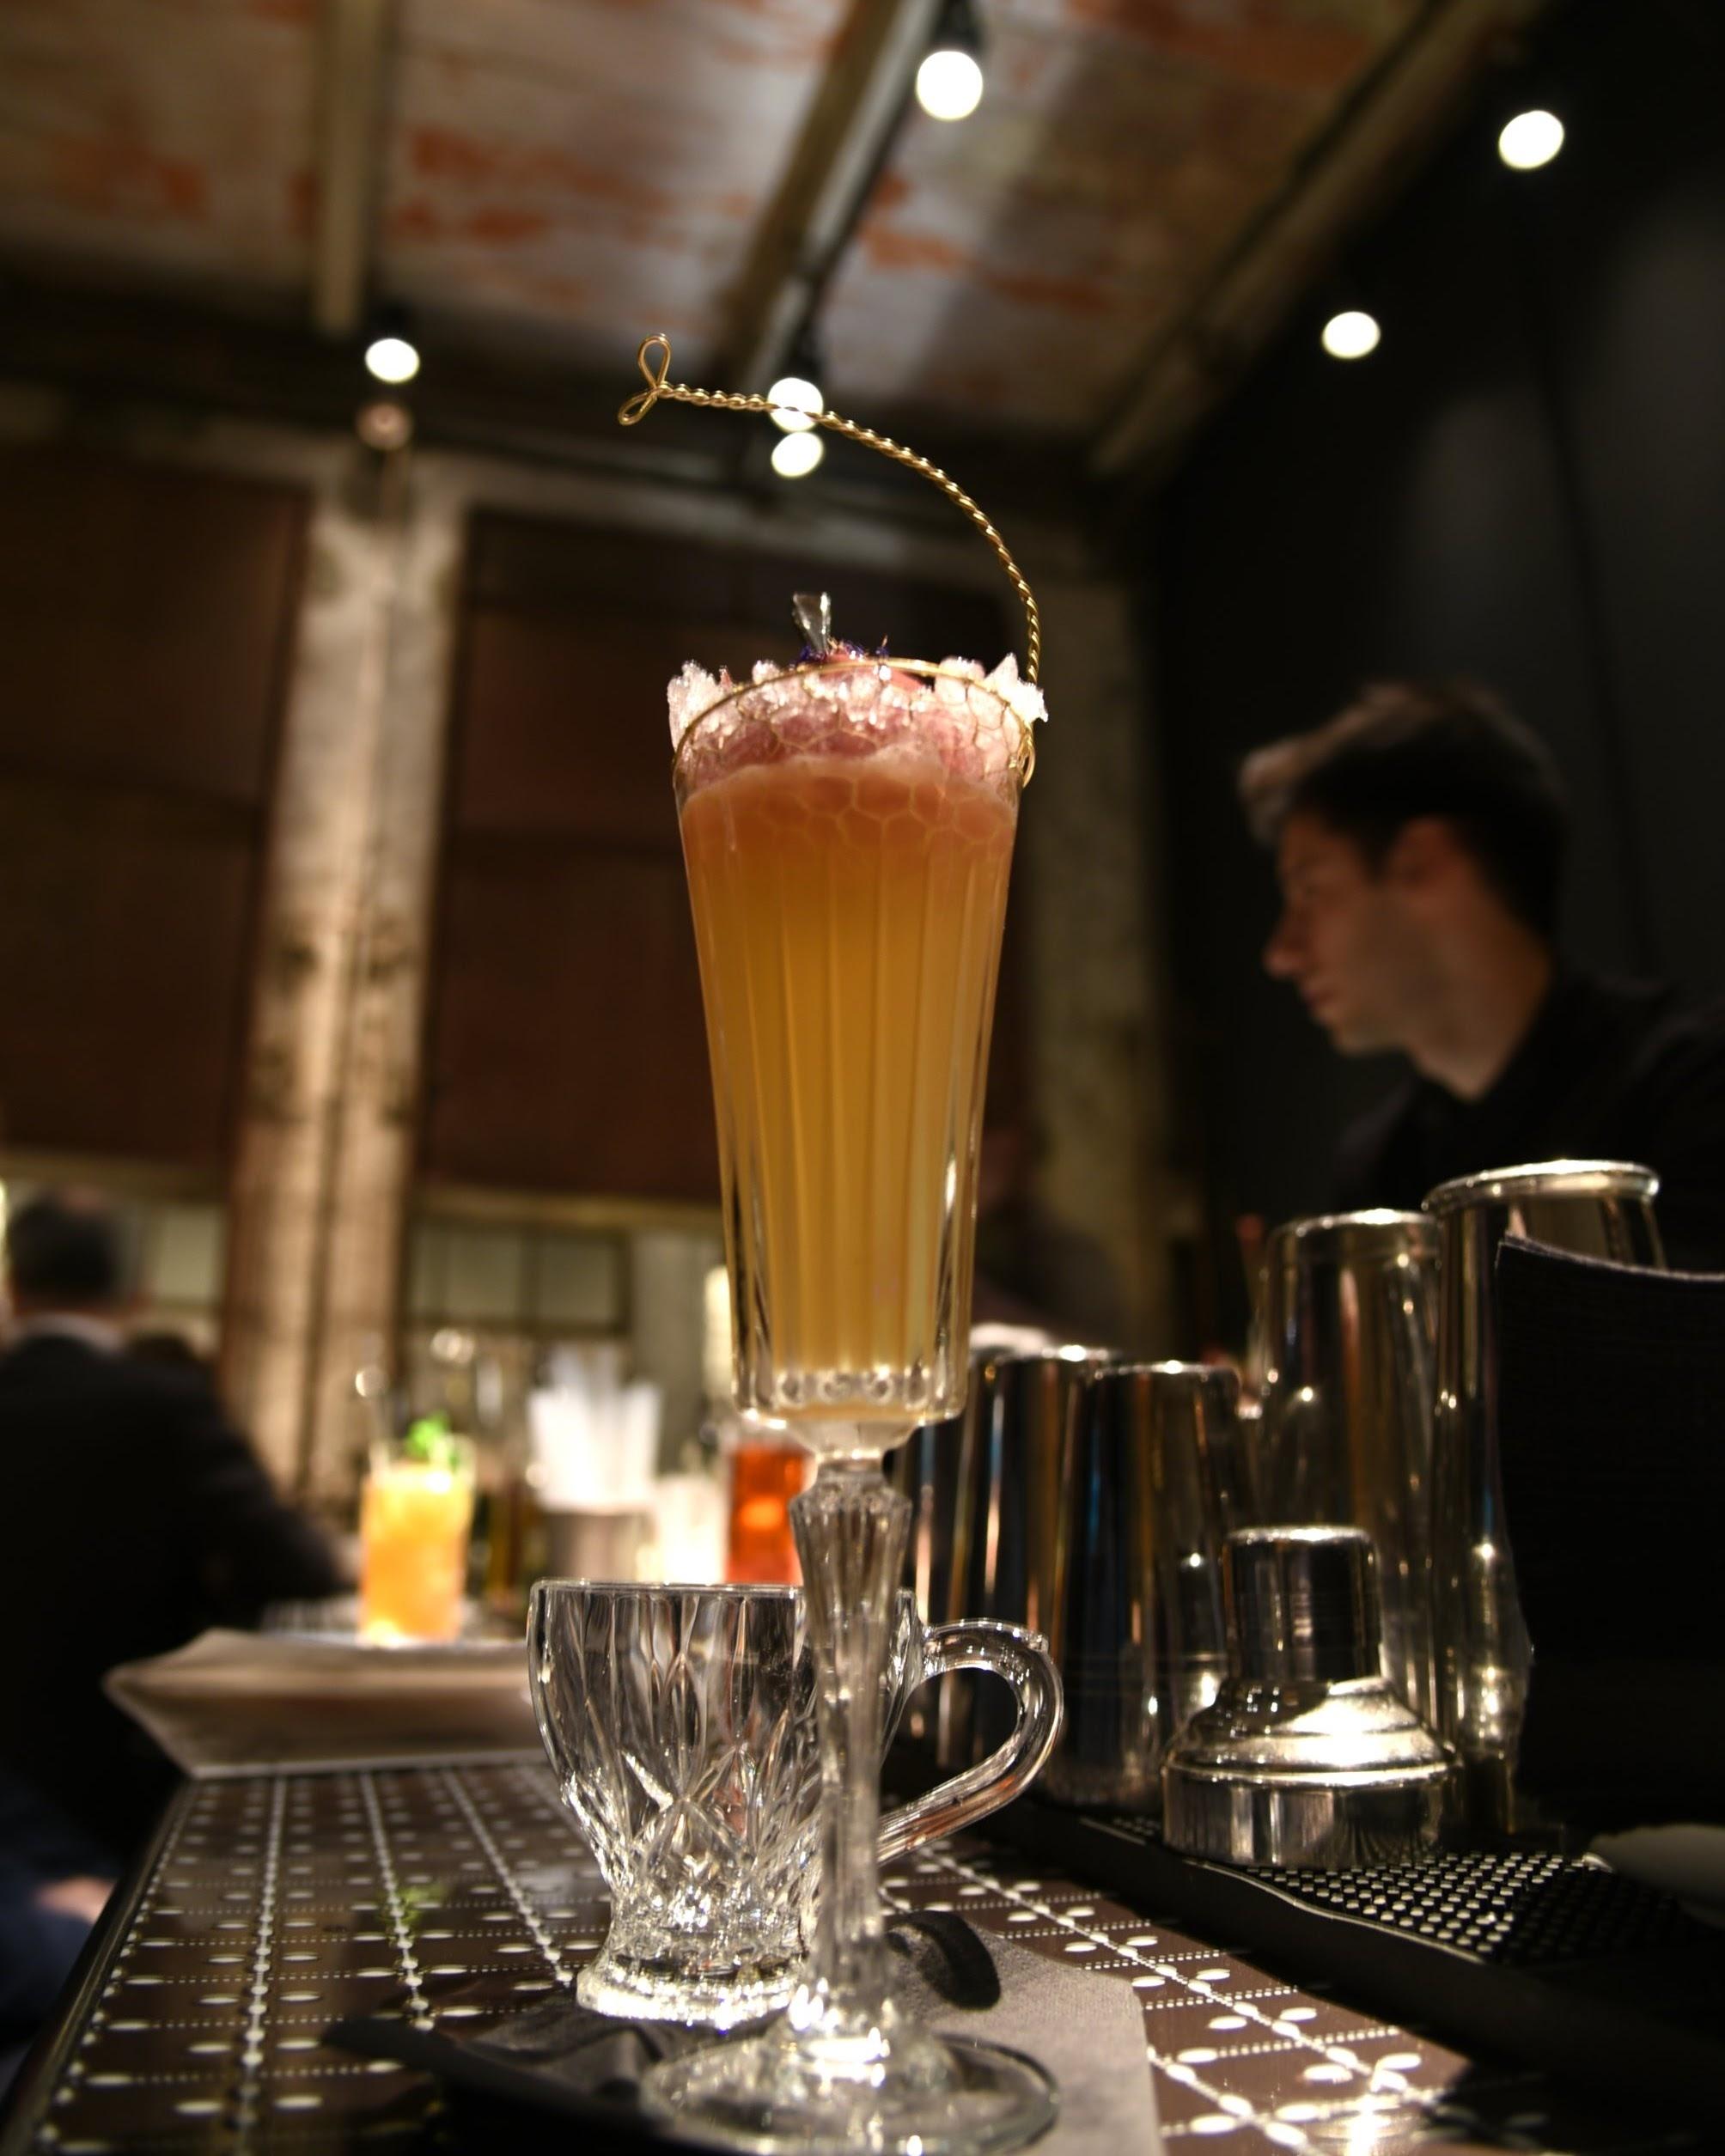 Luca con il cocktail Forget to Play (vodka infusa con i funghi, Grand Marnier, prosecco, sorbetto ai lamponi)